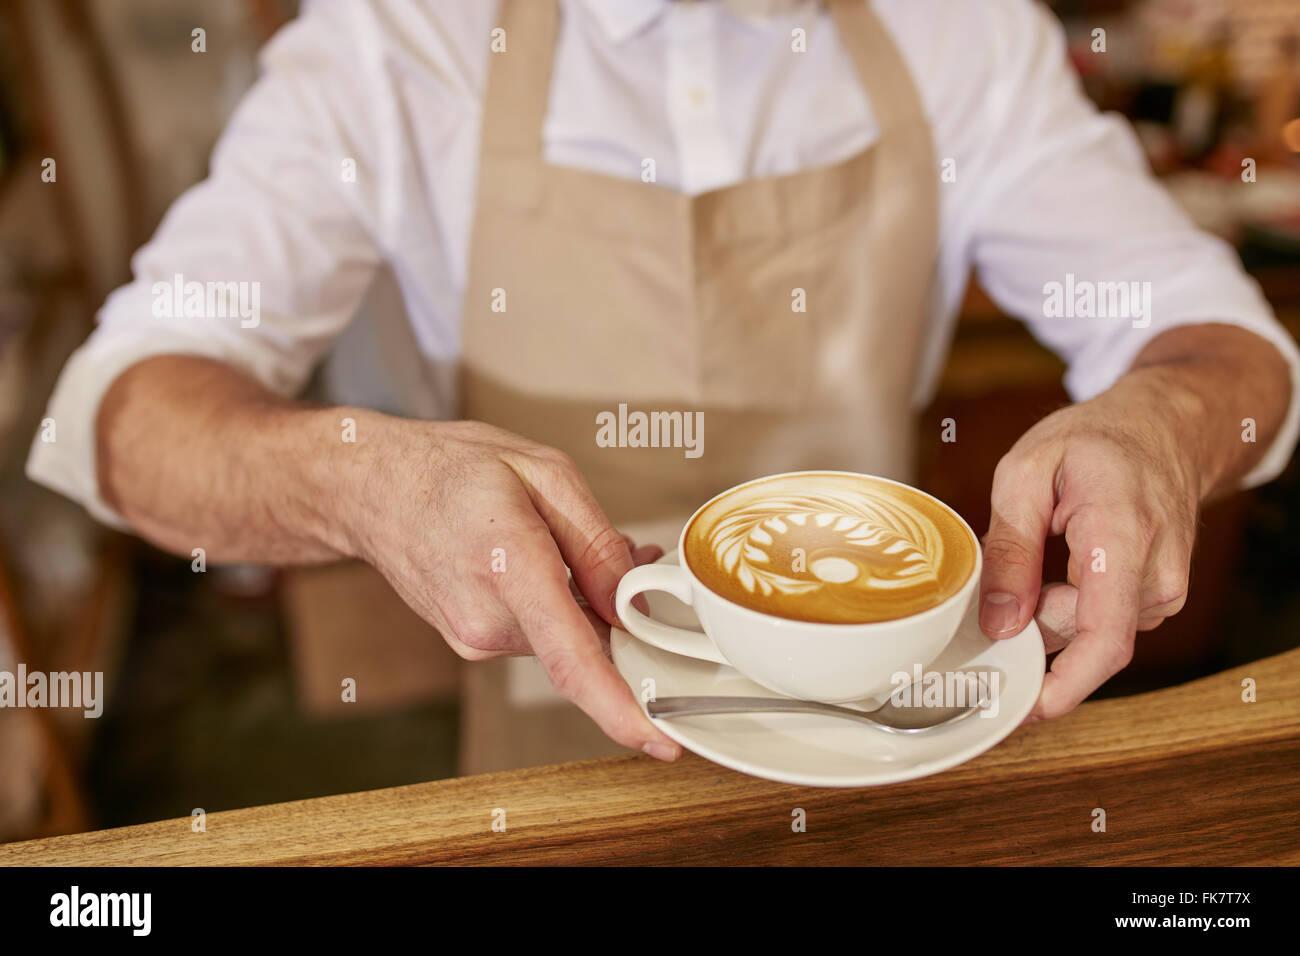 Nahaufnahme des Mannes in Schürze mit Kaffee im stehen in Coffee-Shop. Geben Sie eine Tasse frischen Kaffee Stockbild